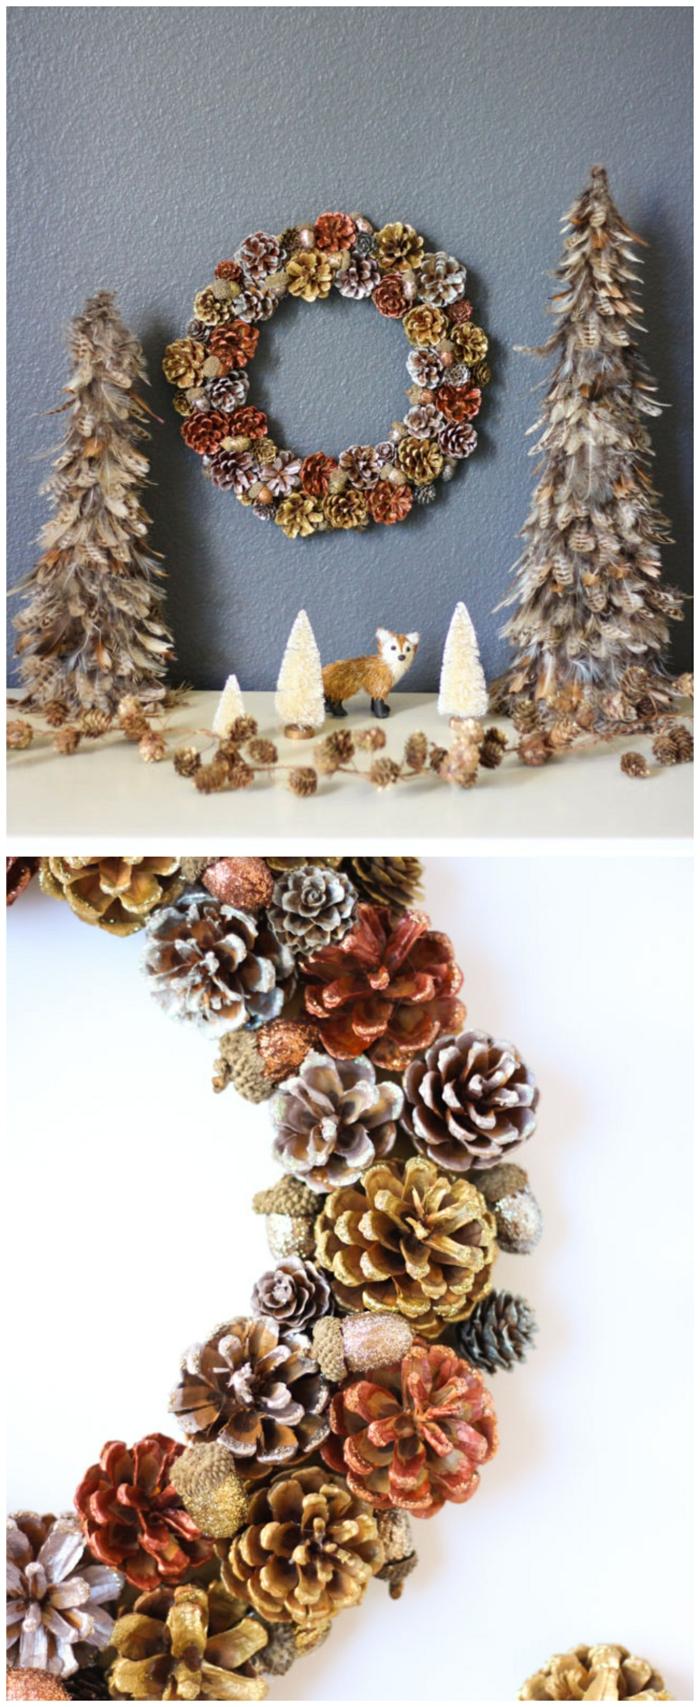 ausgefallene bastelideen weihnachten inspiration weihnachtskranz selber basteln aus tannenzweigen kleine weihnachtsbäume deko